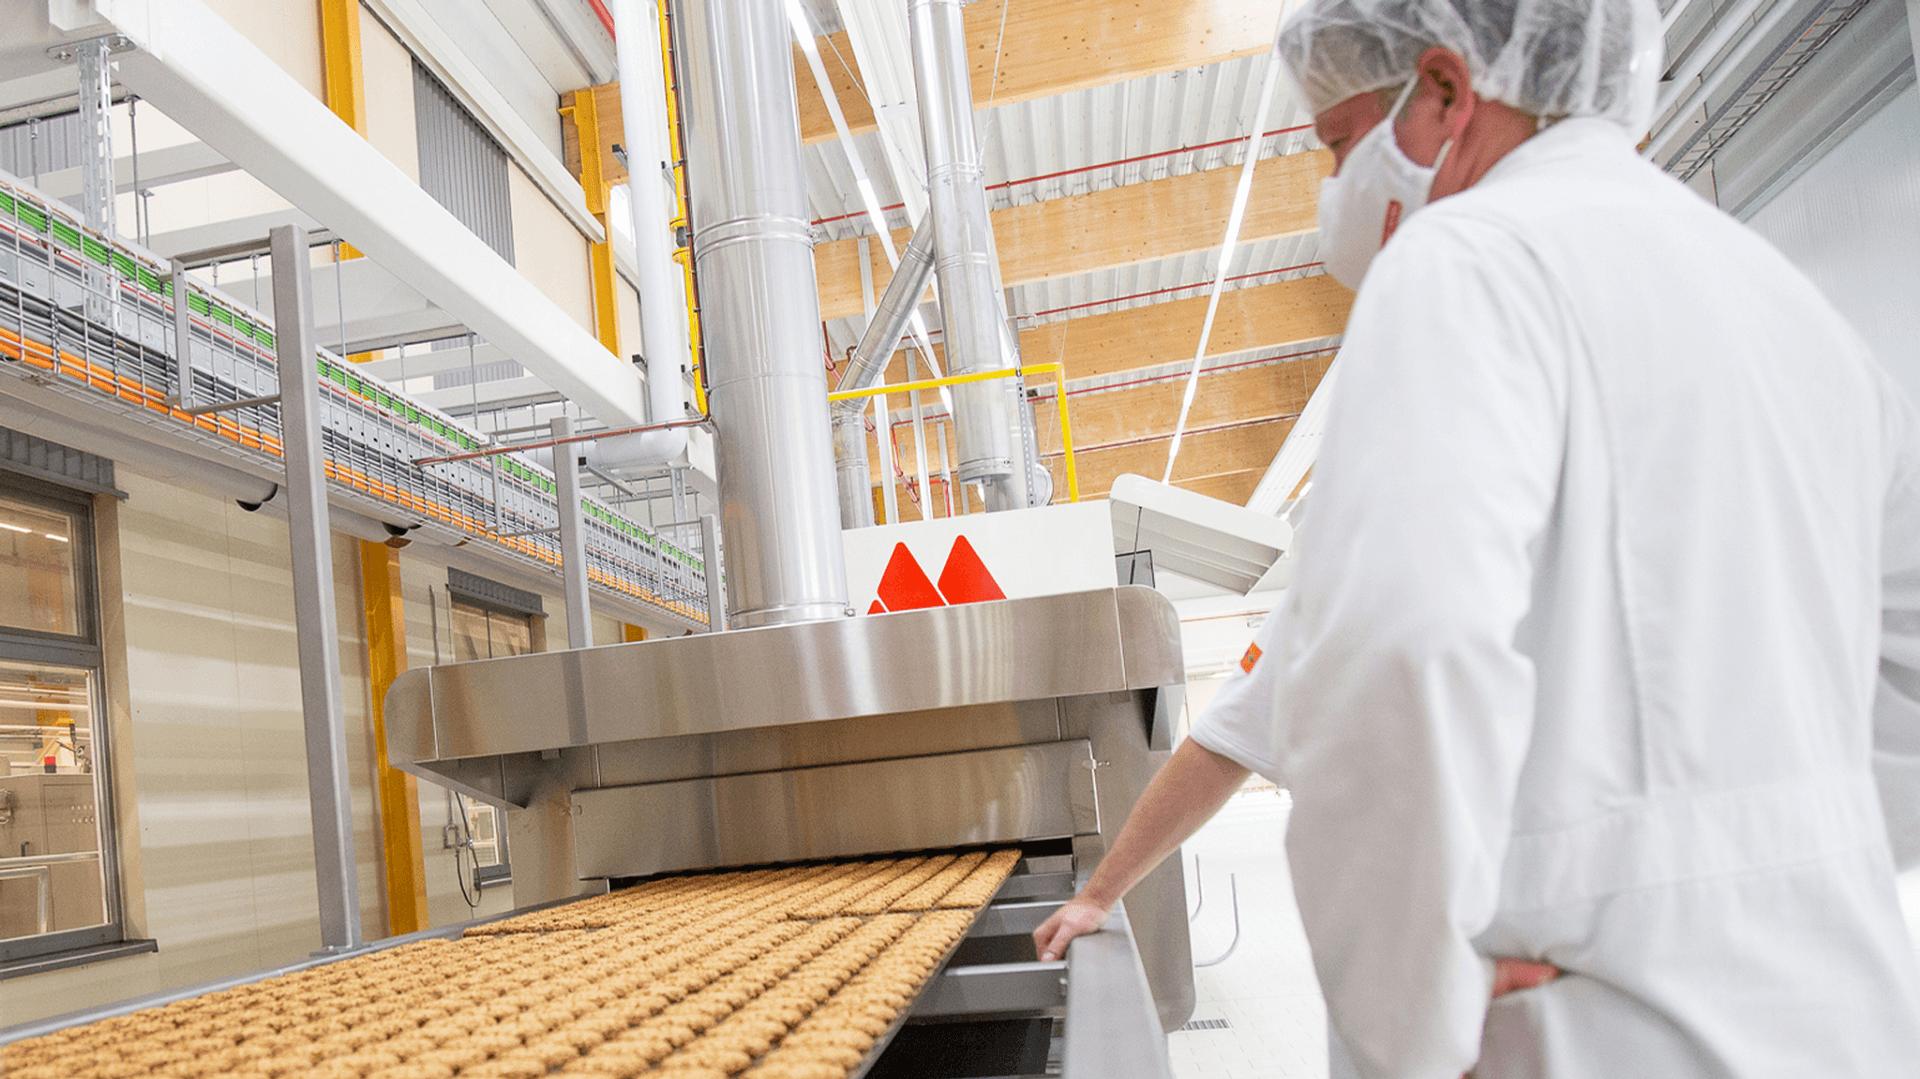 Bohlsener Mühle Keksproduktion